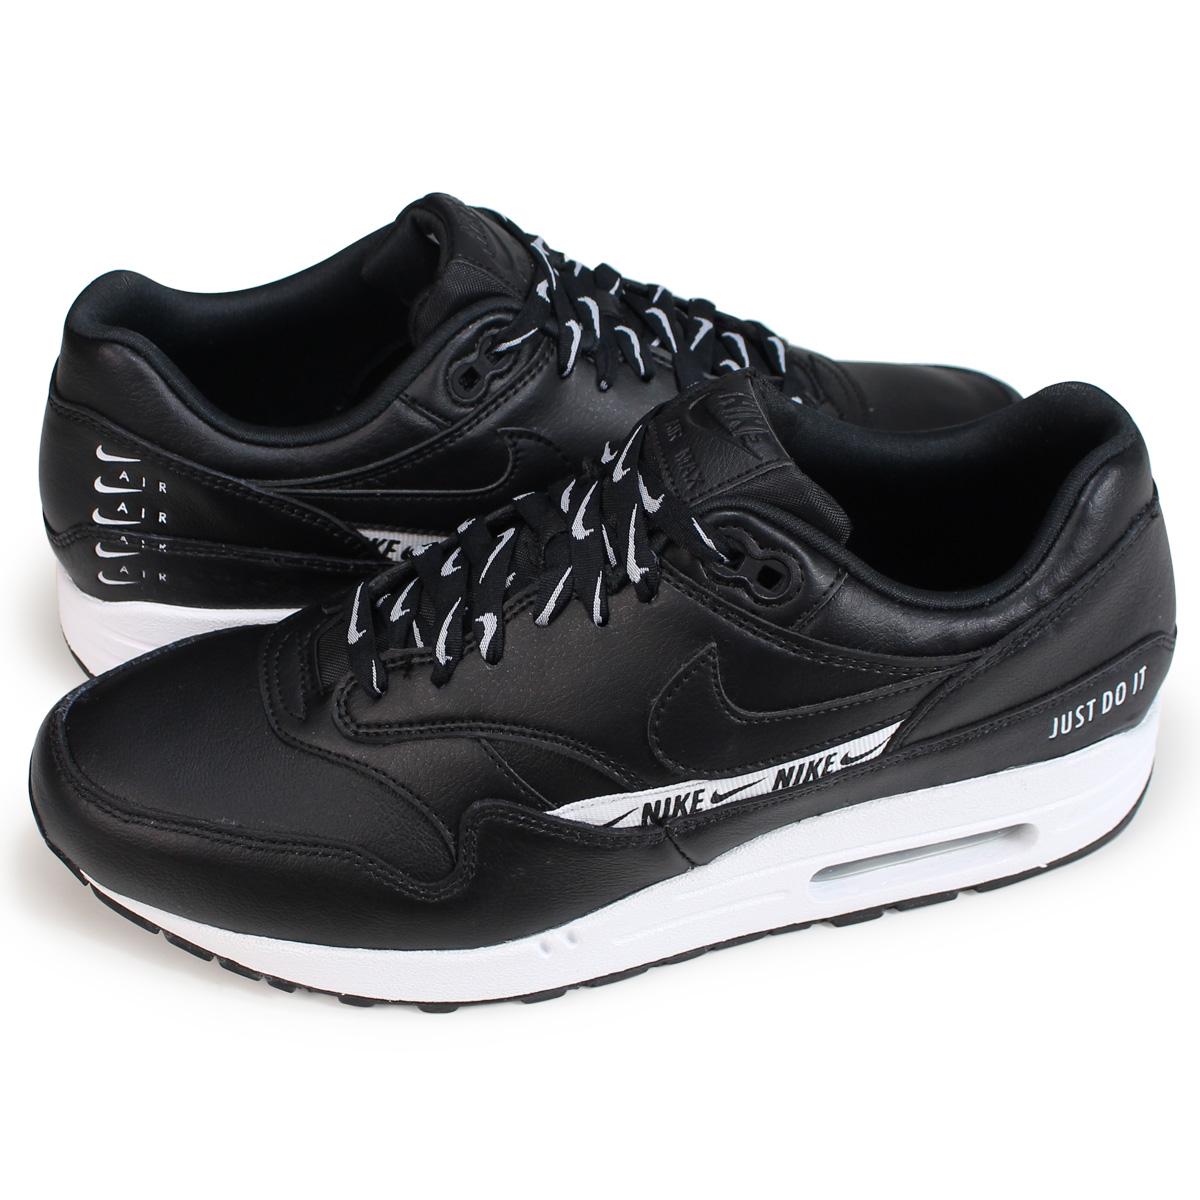 Nike WMNS Air Max 1 SE (schwarz weiß) 881101 005 | 43einhalb Sneaker Store